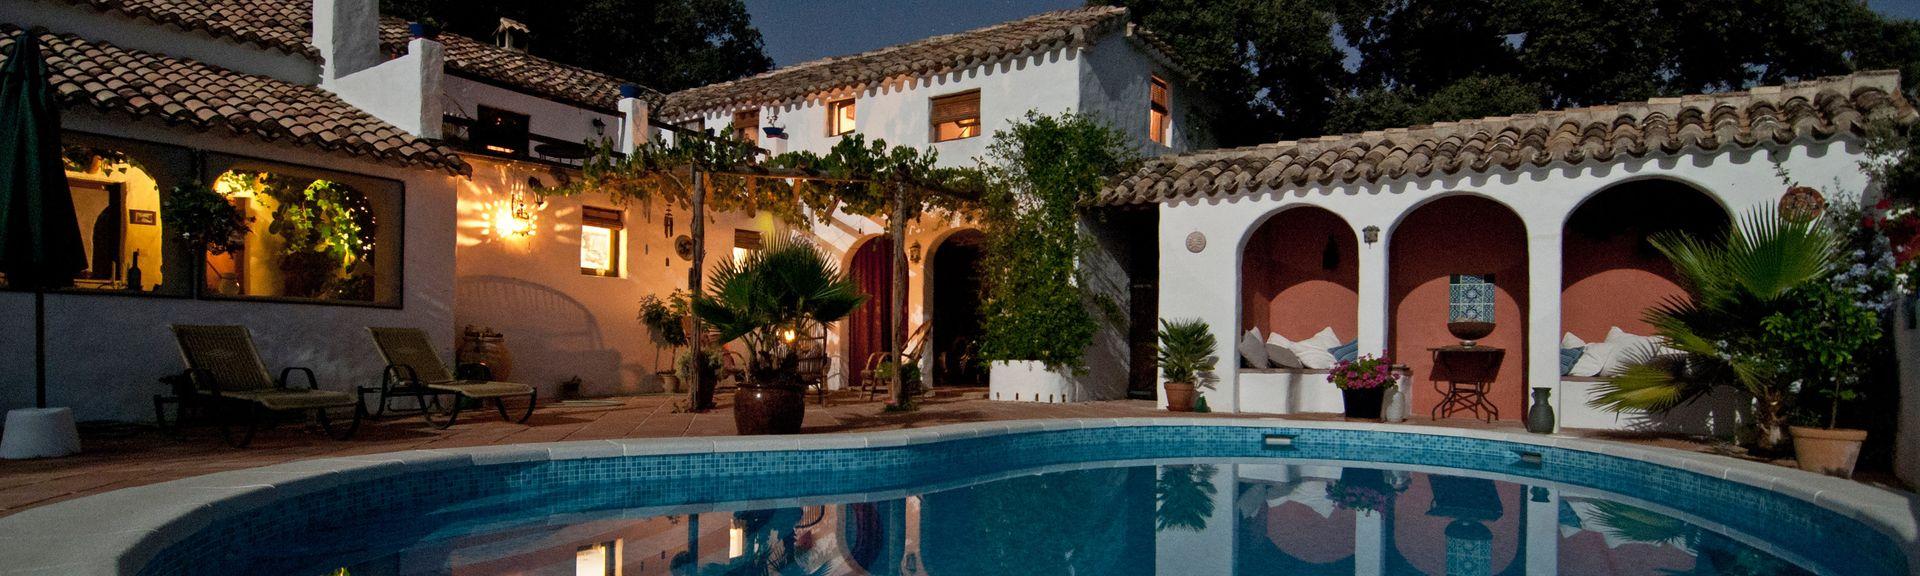 Almeria Builders - Swimming pool, Almeria